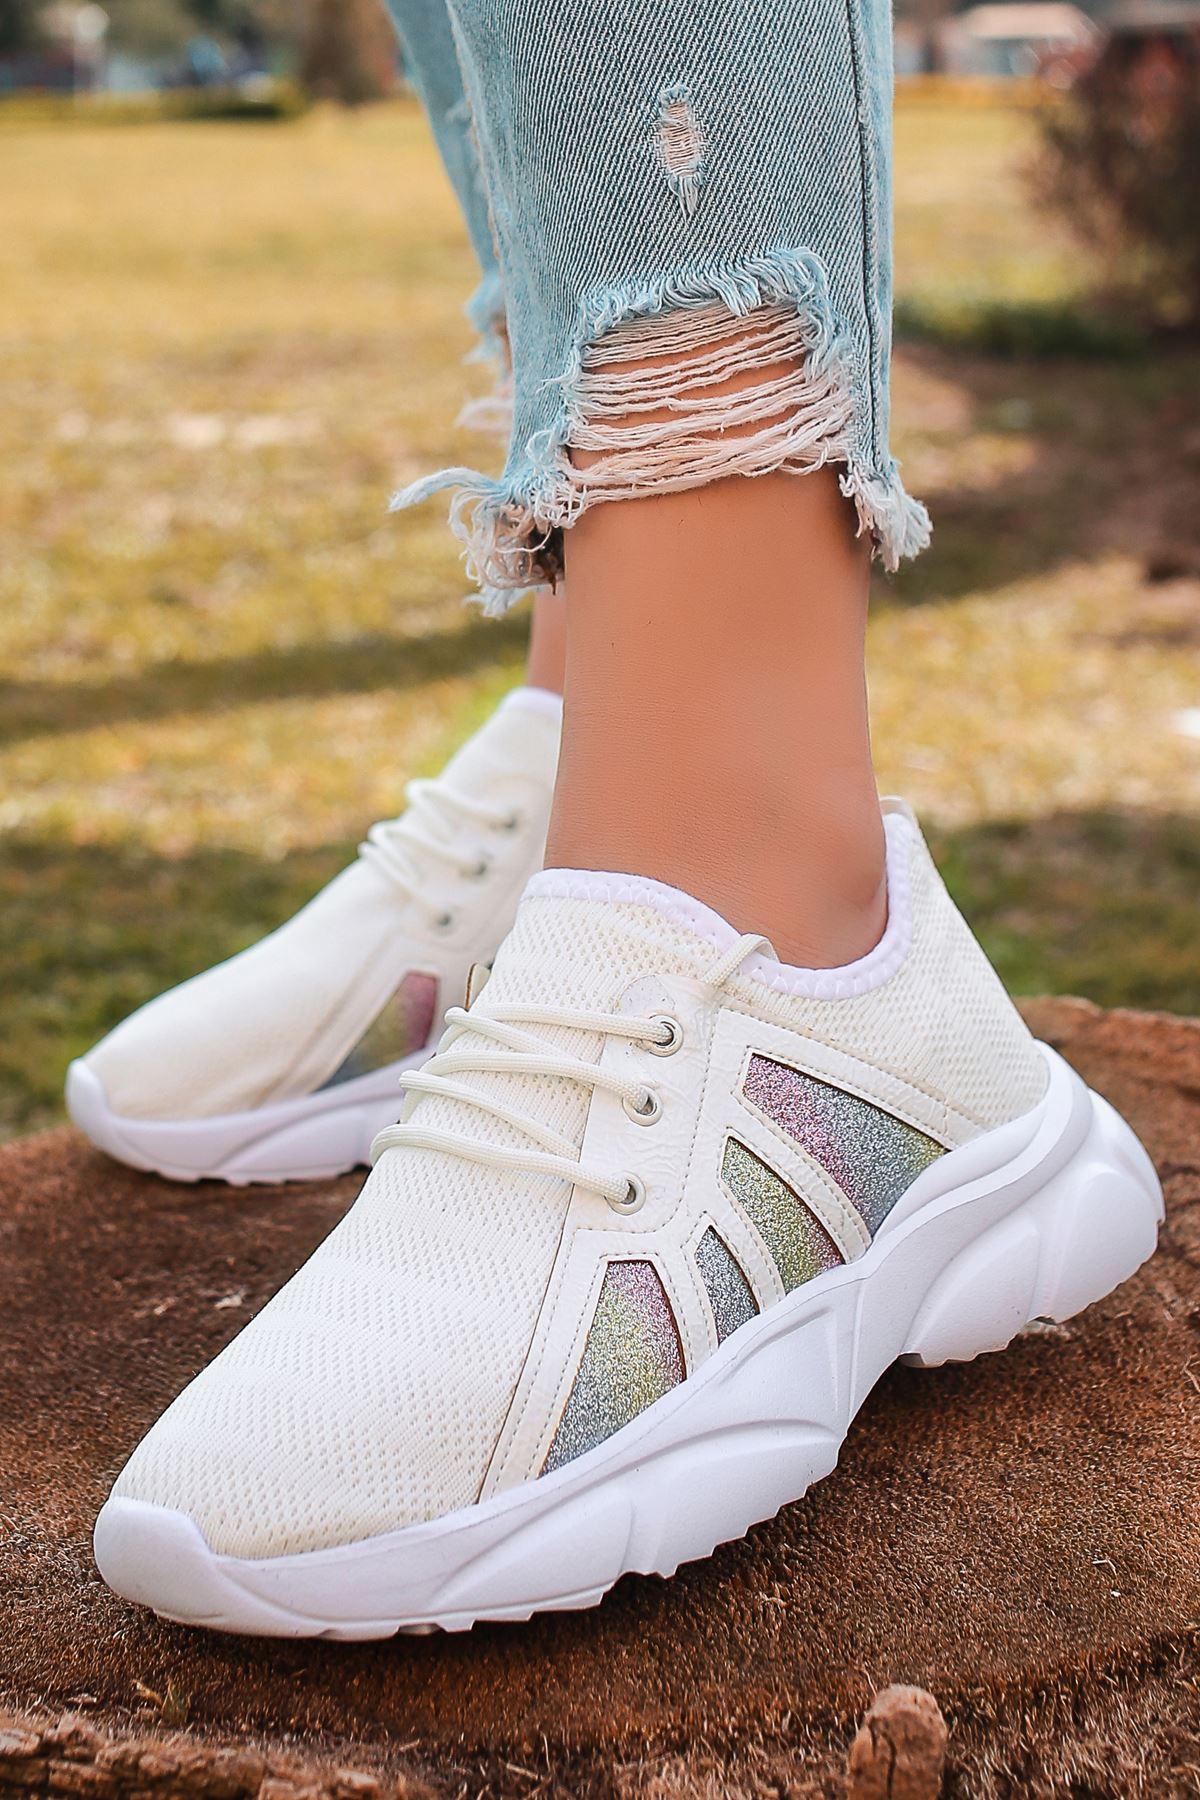 Danna Beyaz Simli  Kadın Triko Ayakkabı